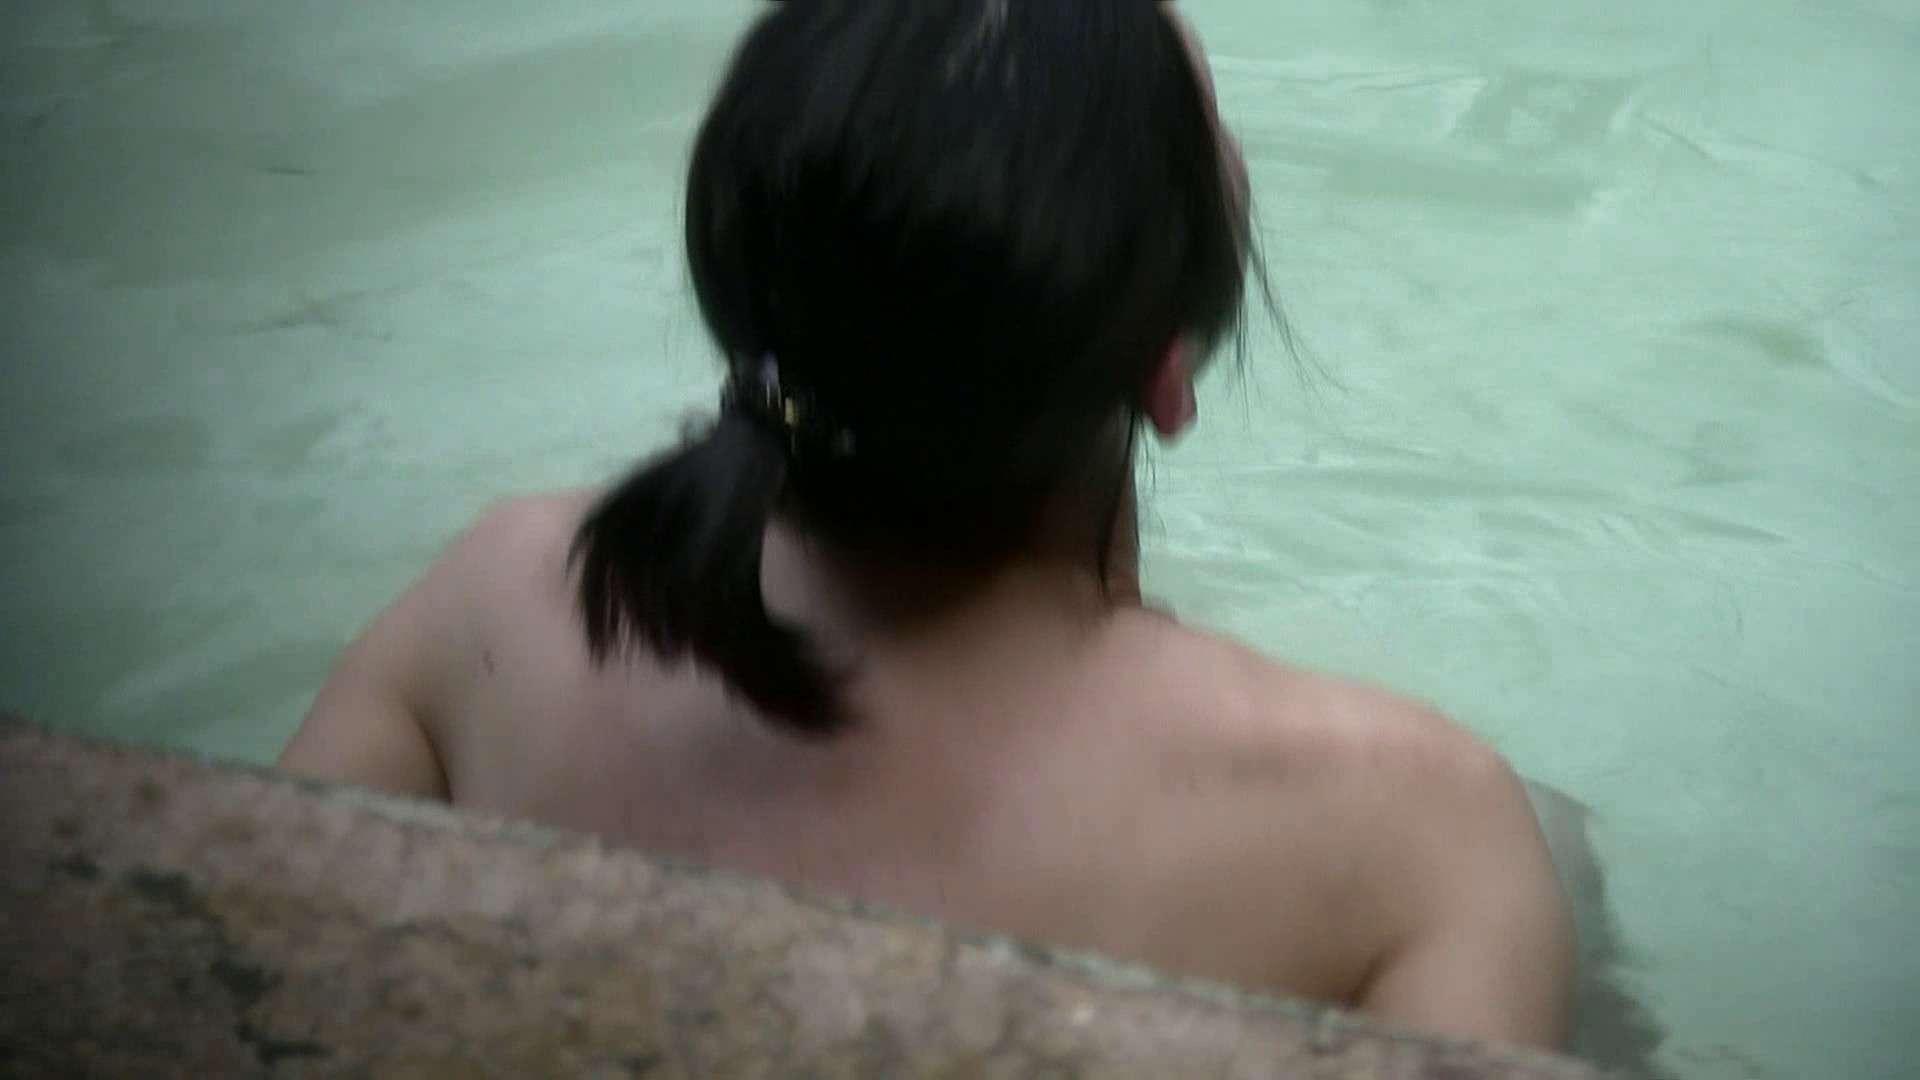 Aquaな露天風呂Vol.656 OL  49pic 12